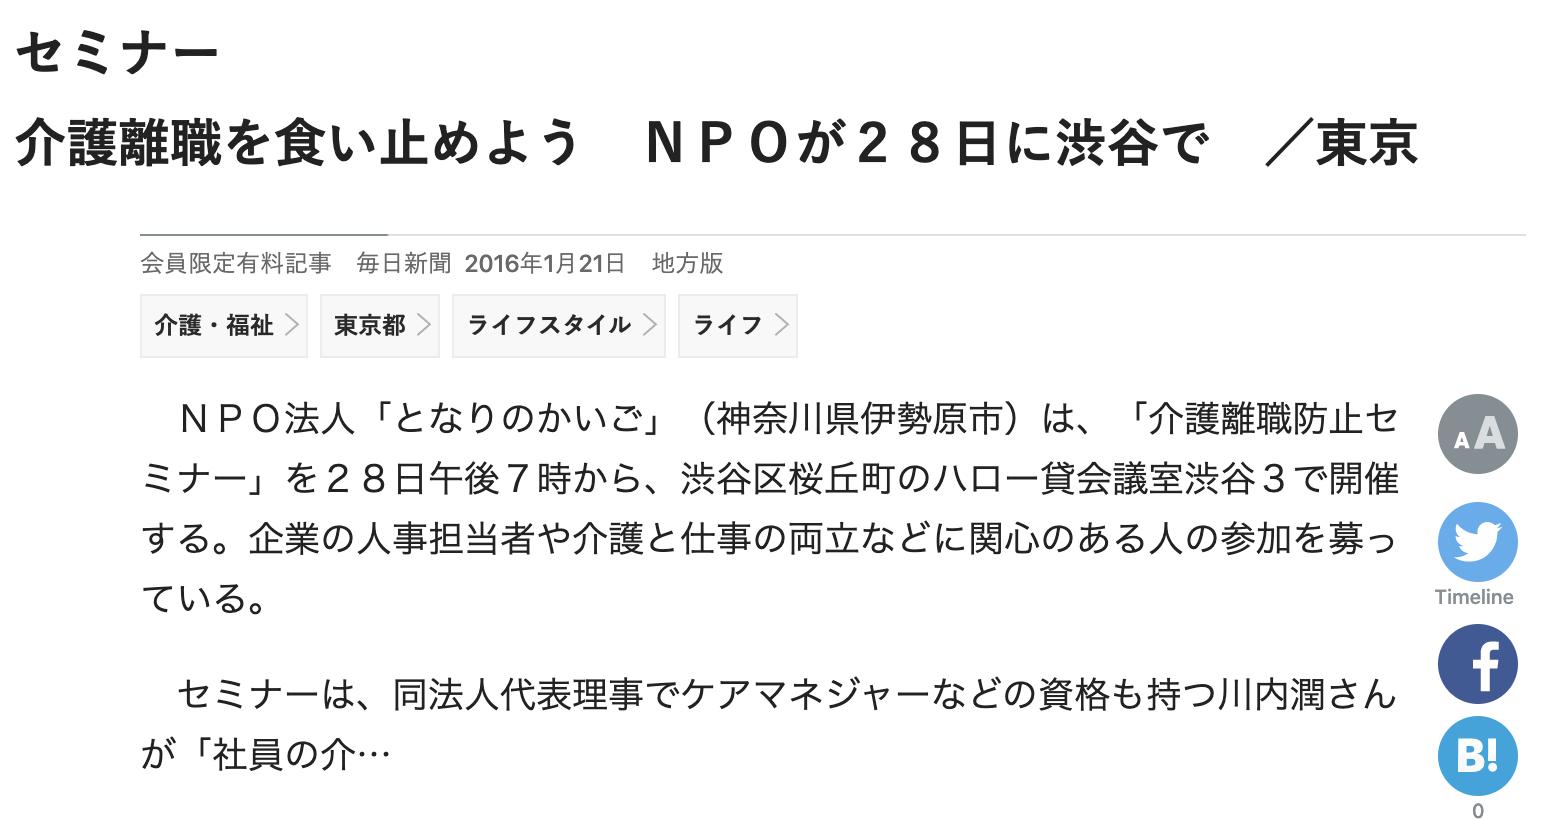 毎日新聞『セミナー 介護離職を食い止めよう NPOが28日に渋谷で』